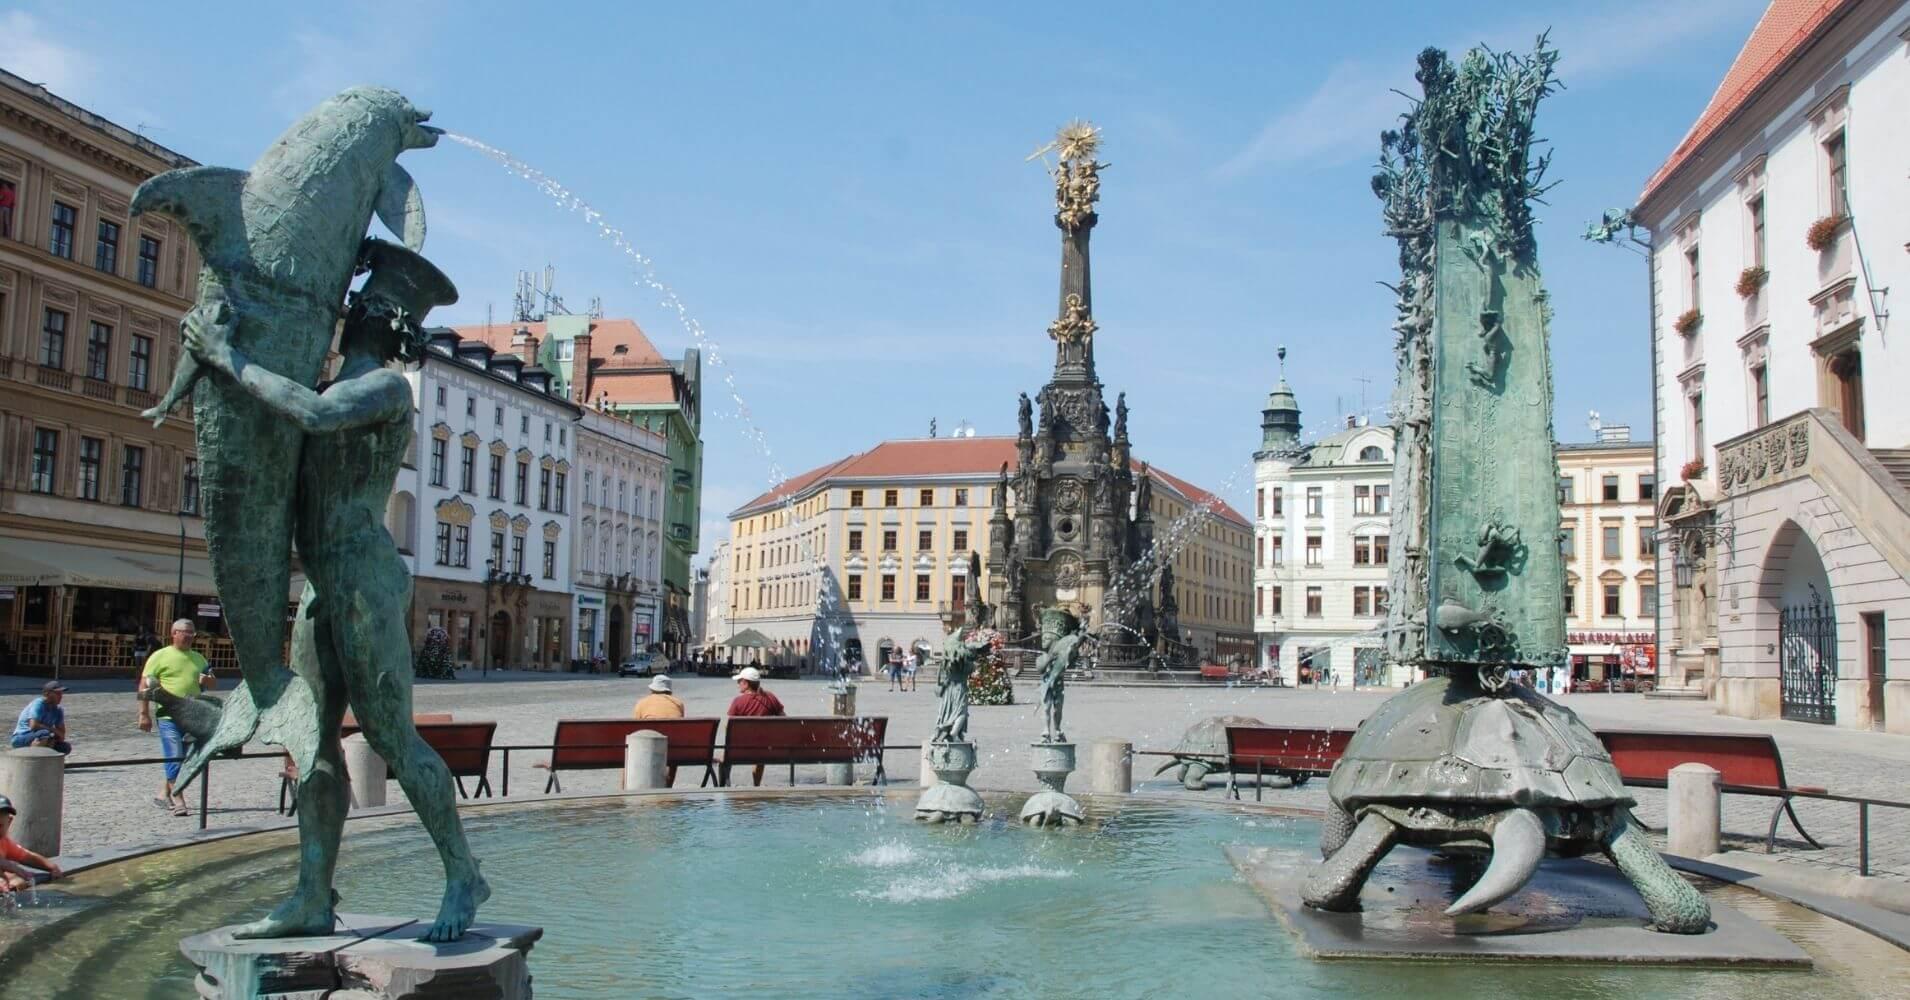 Olomouc Plaza del Ayuntamiento. República Checa.